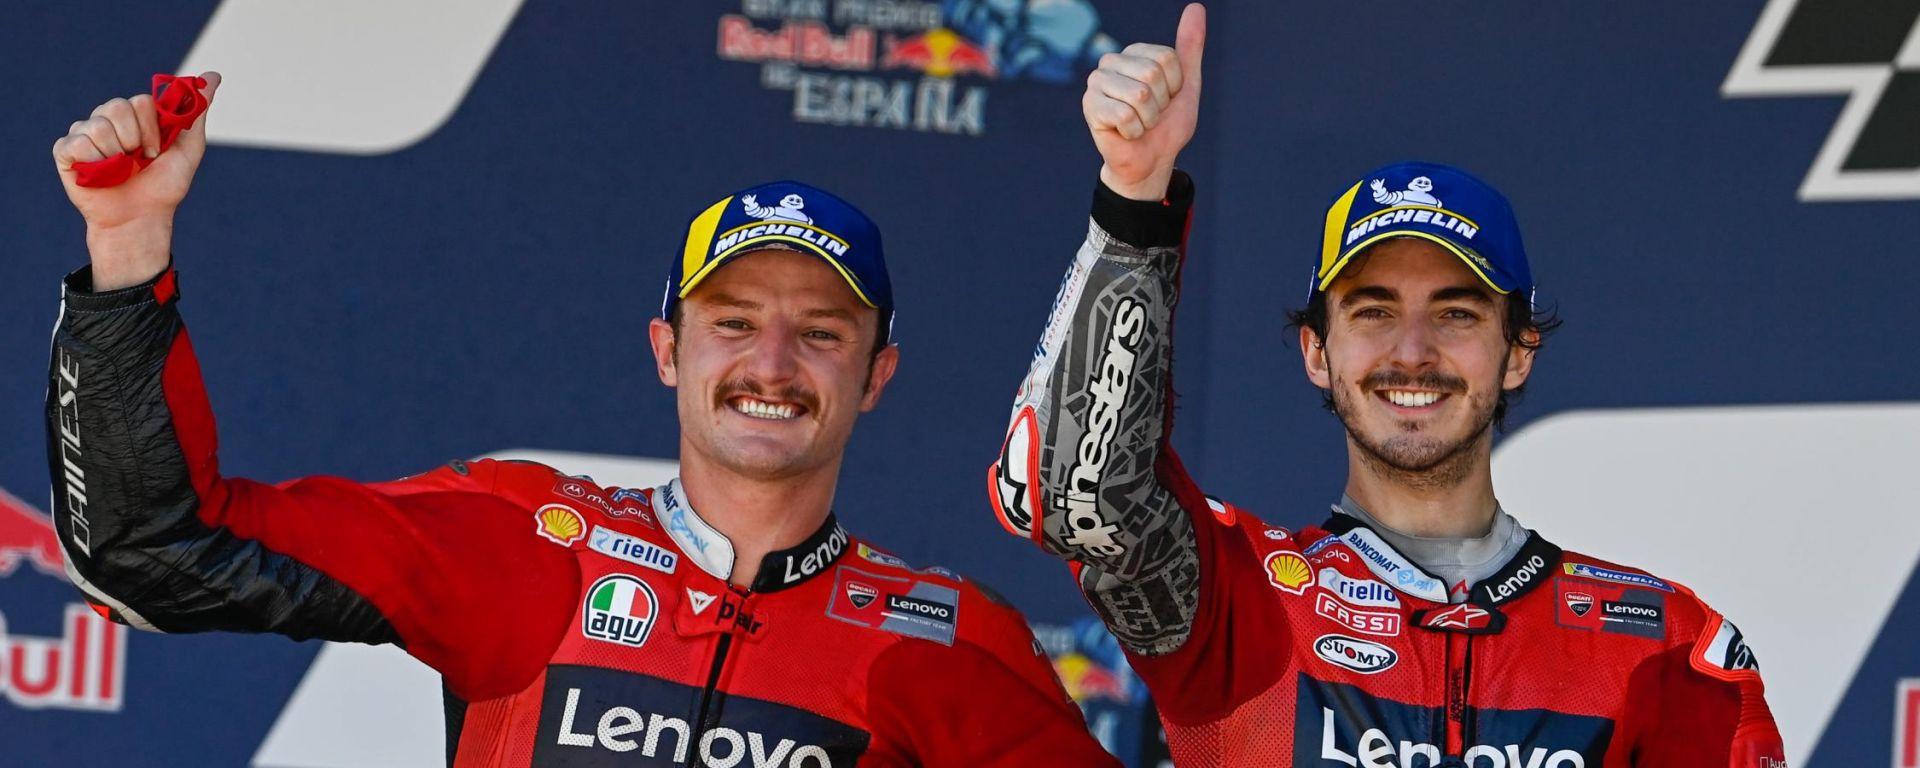 MotoGP 2021: Jack Miller e Francesco Bagnaia (Ducati)